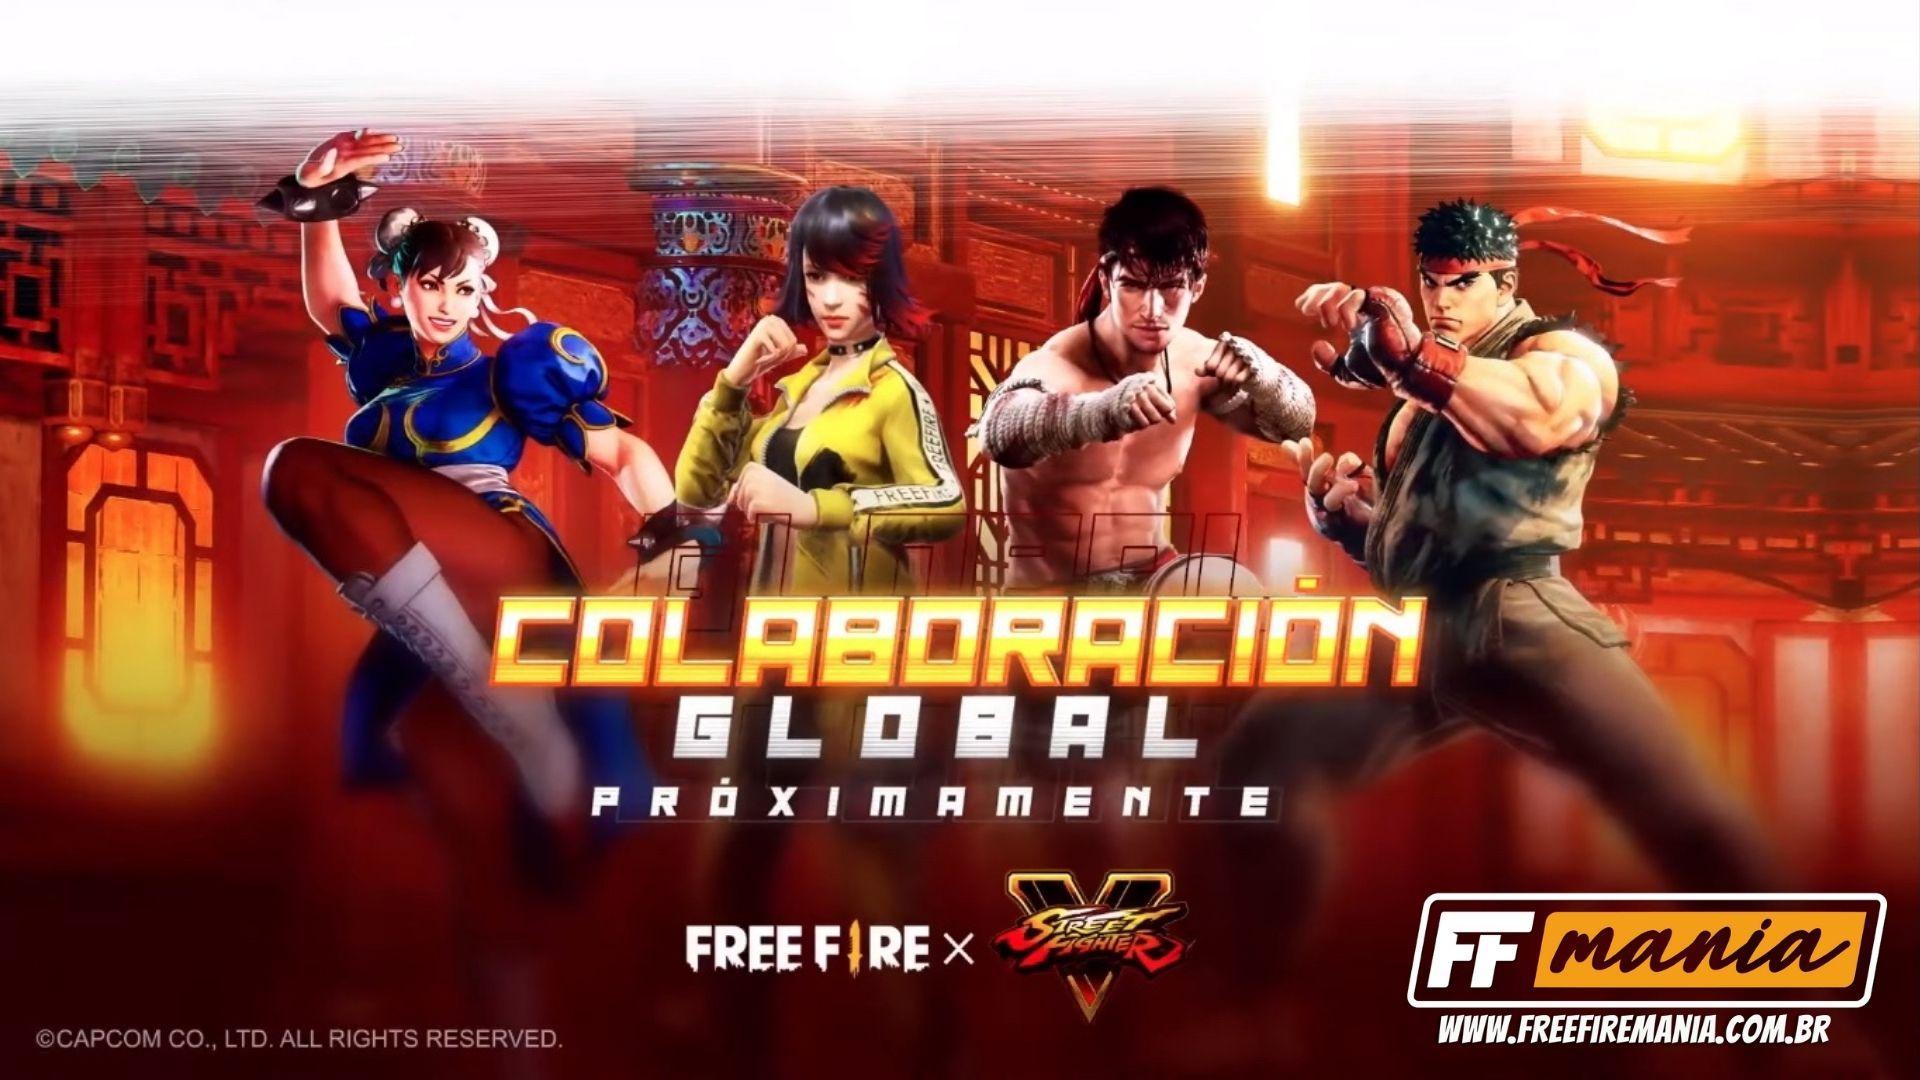 Free Fire x Street Fighter: uma colaboração épica acontecerá! Confira o vídeo trailer da parceria